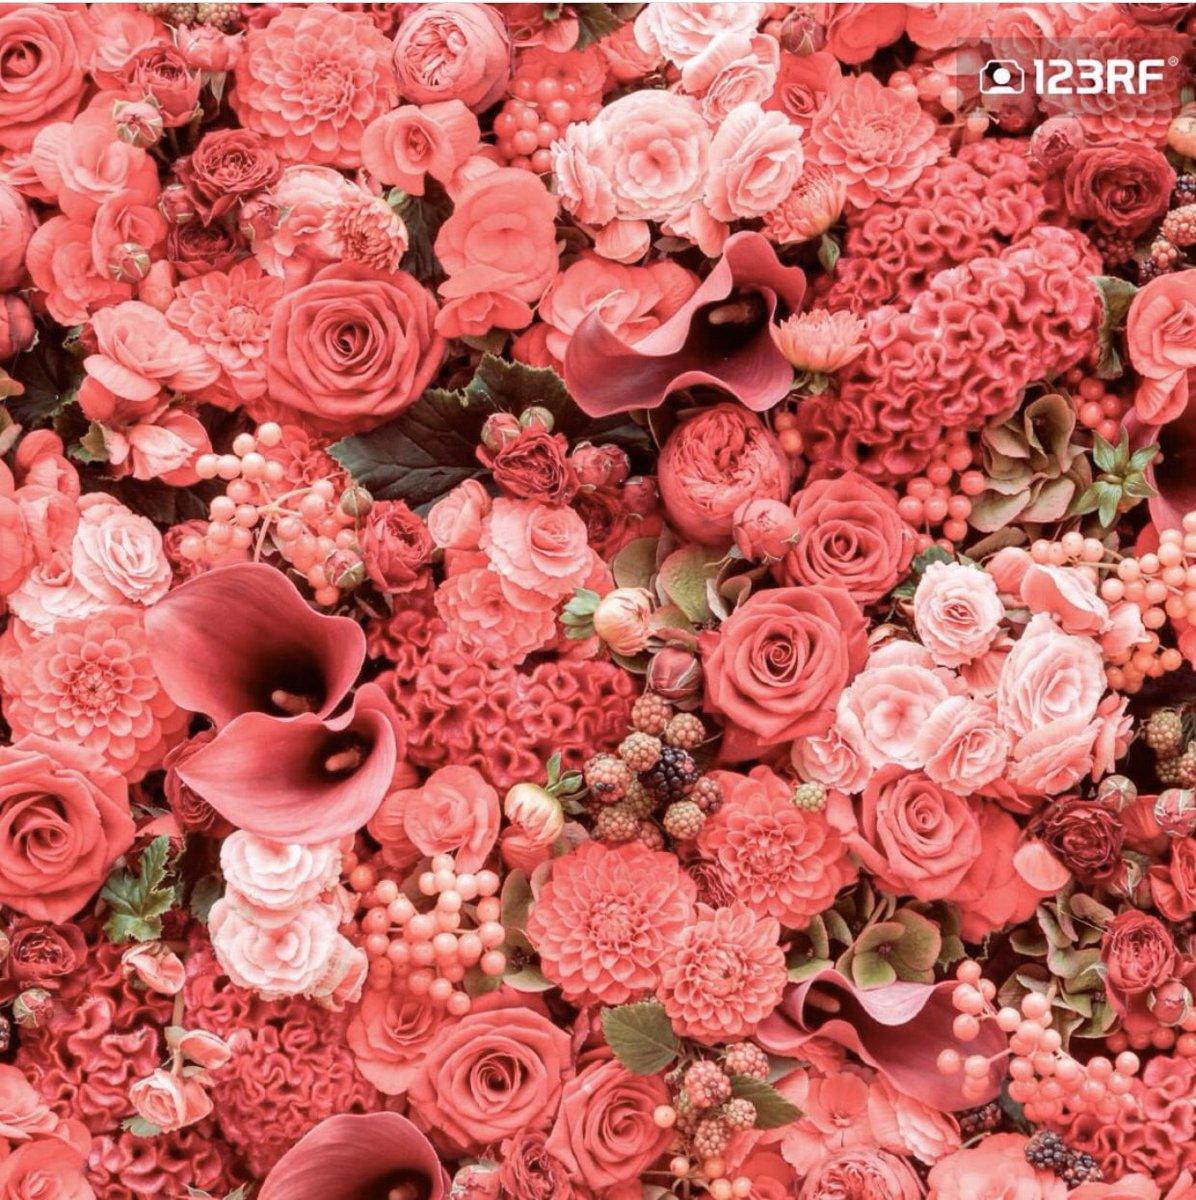 Daha fazlası için 123RF!  #vektor #fotograf #illustrasyon #video #muzik #grafiktasarim #grafiker #webtasarim #webdizayn #cizim #vektorelcizim #gorsel #imaj #lisanslifotograf #yuksekcozunurluk #reklam #reklamtasarim #tanitim #dizayn #yaraticitasarim #yaraticiekip #creativecozumler